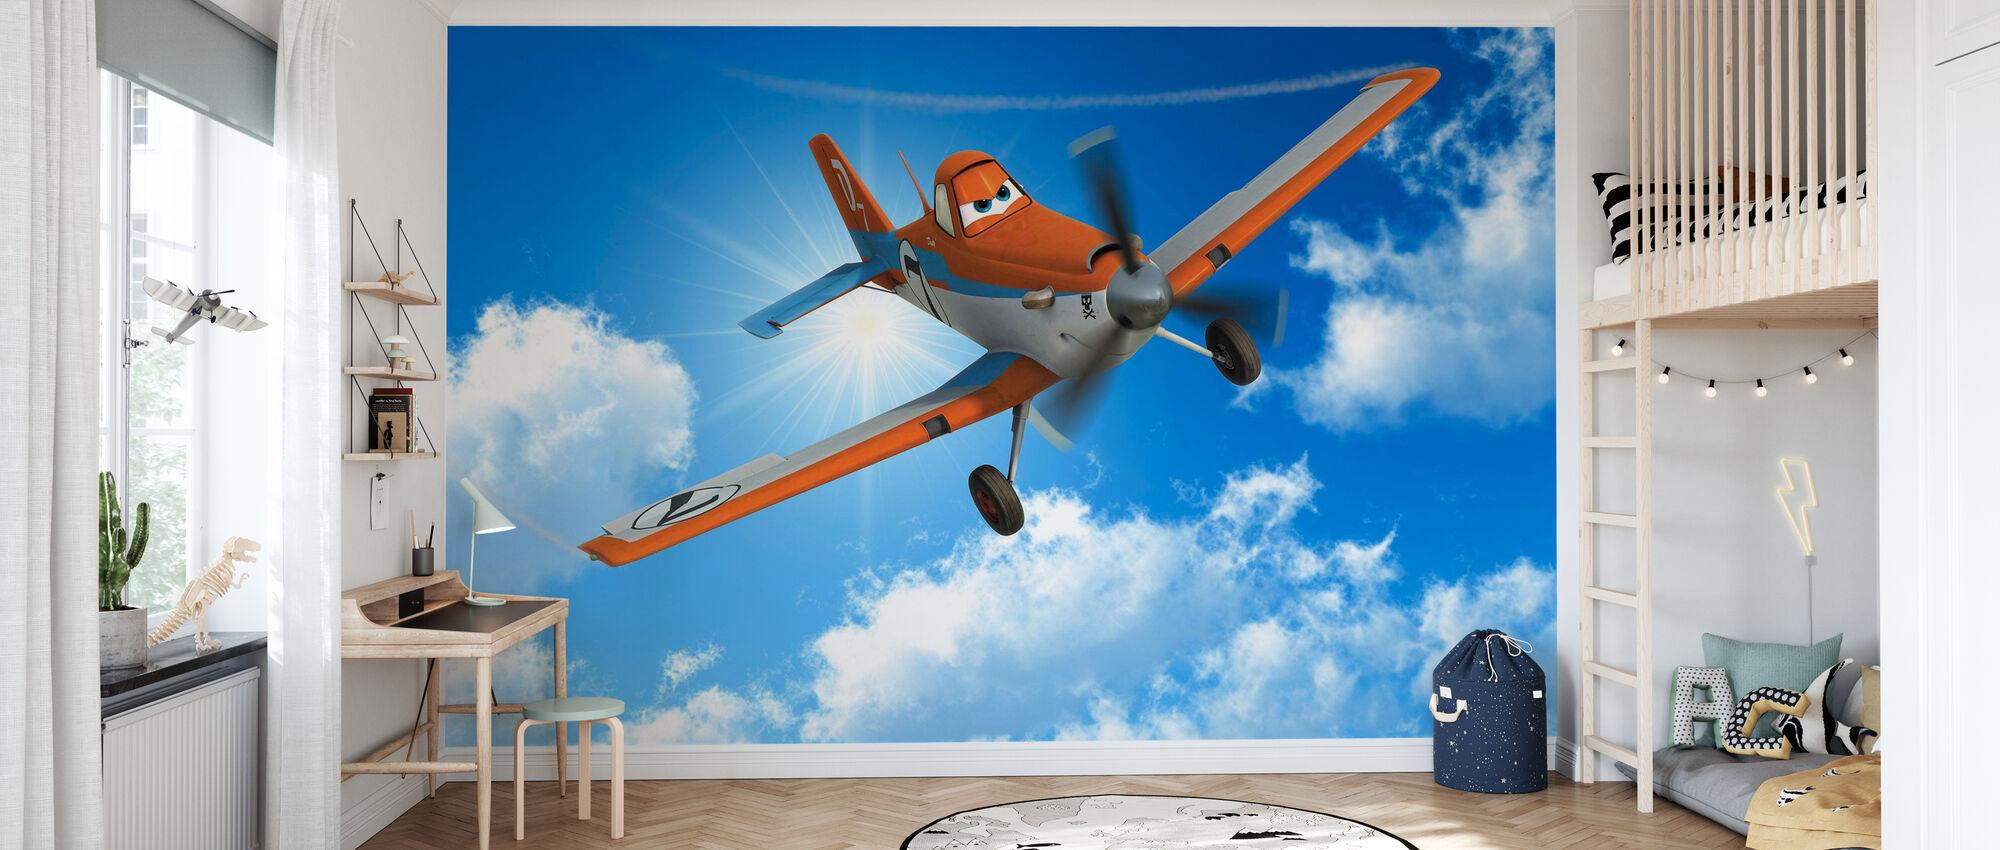 Lentokoneet - pölyinen taivaalla - Tapetti - Lastenhuone